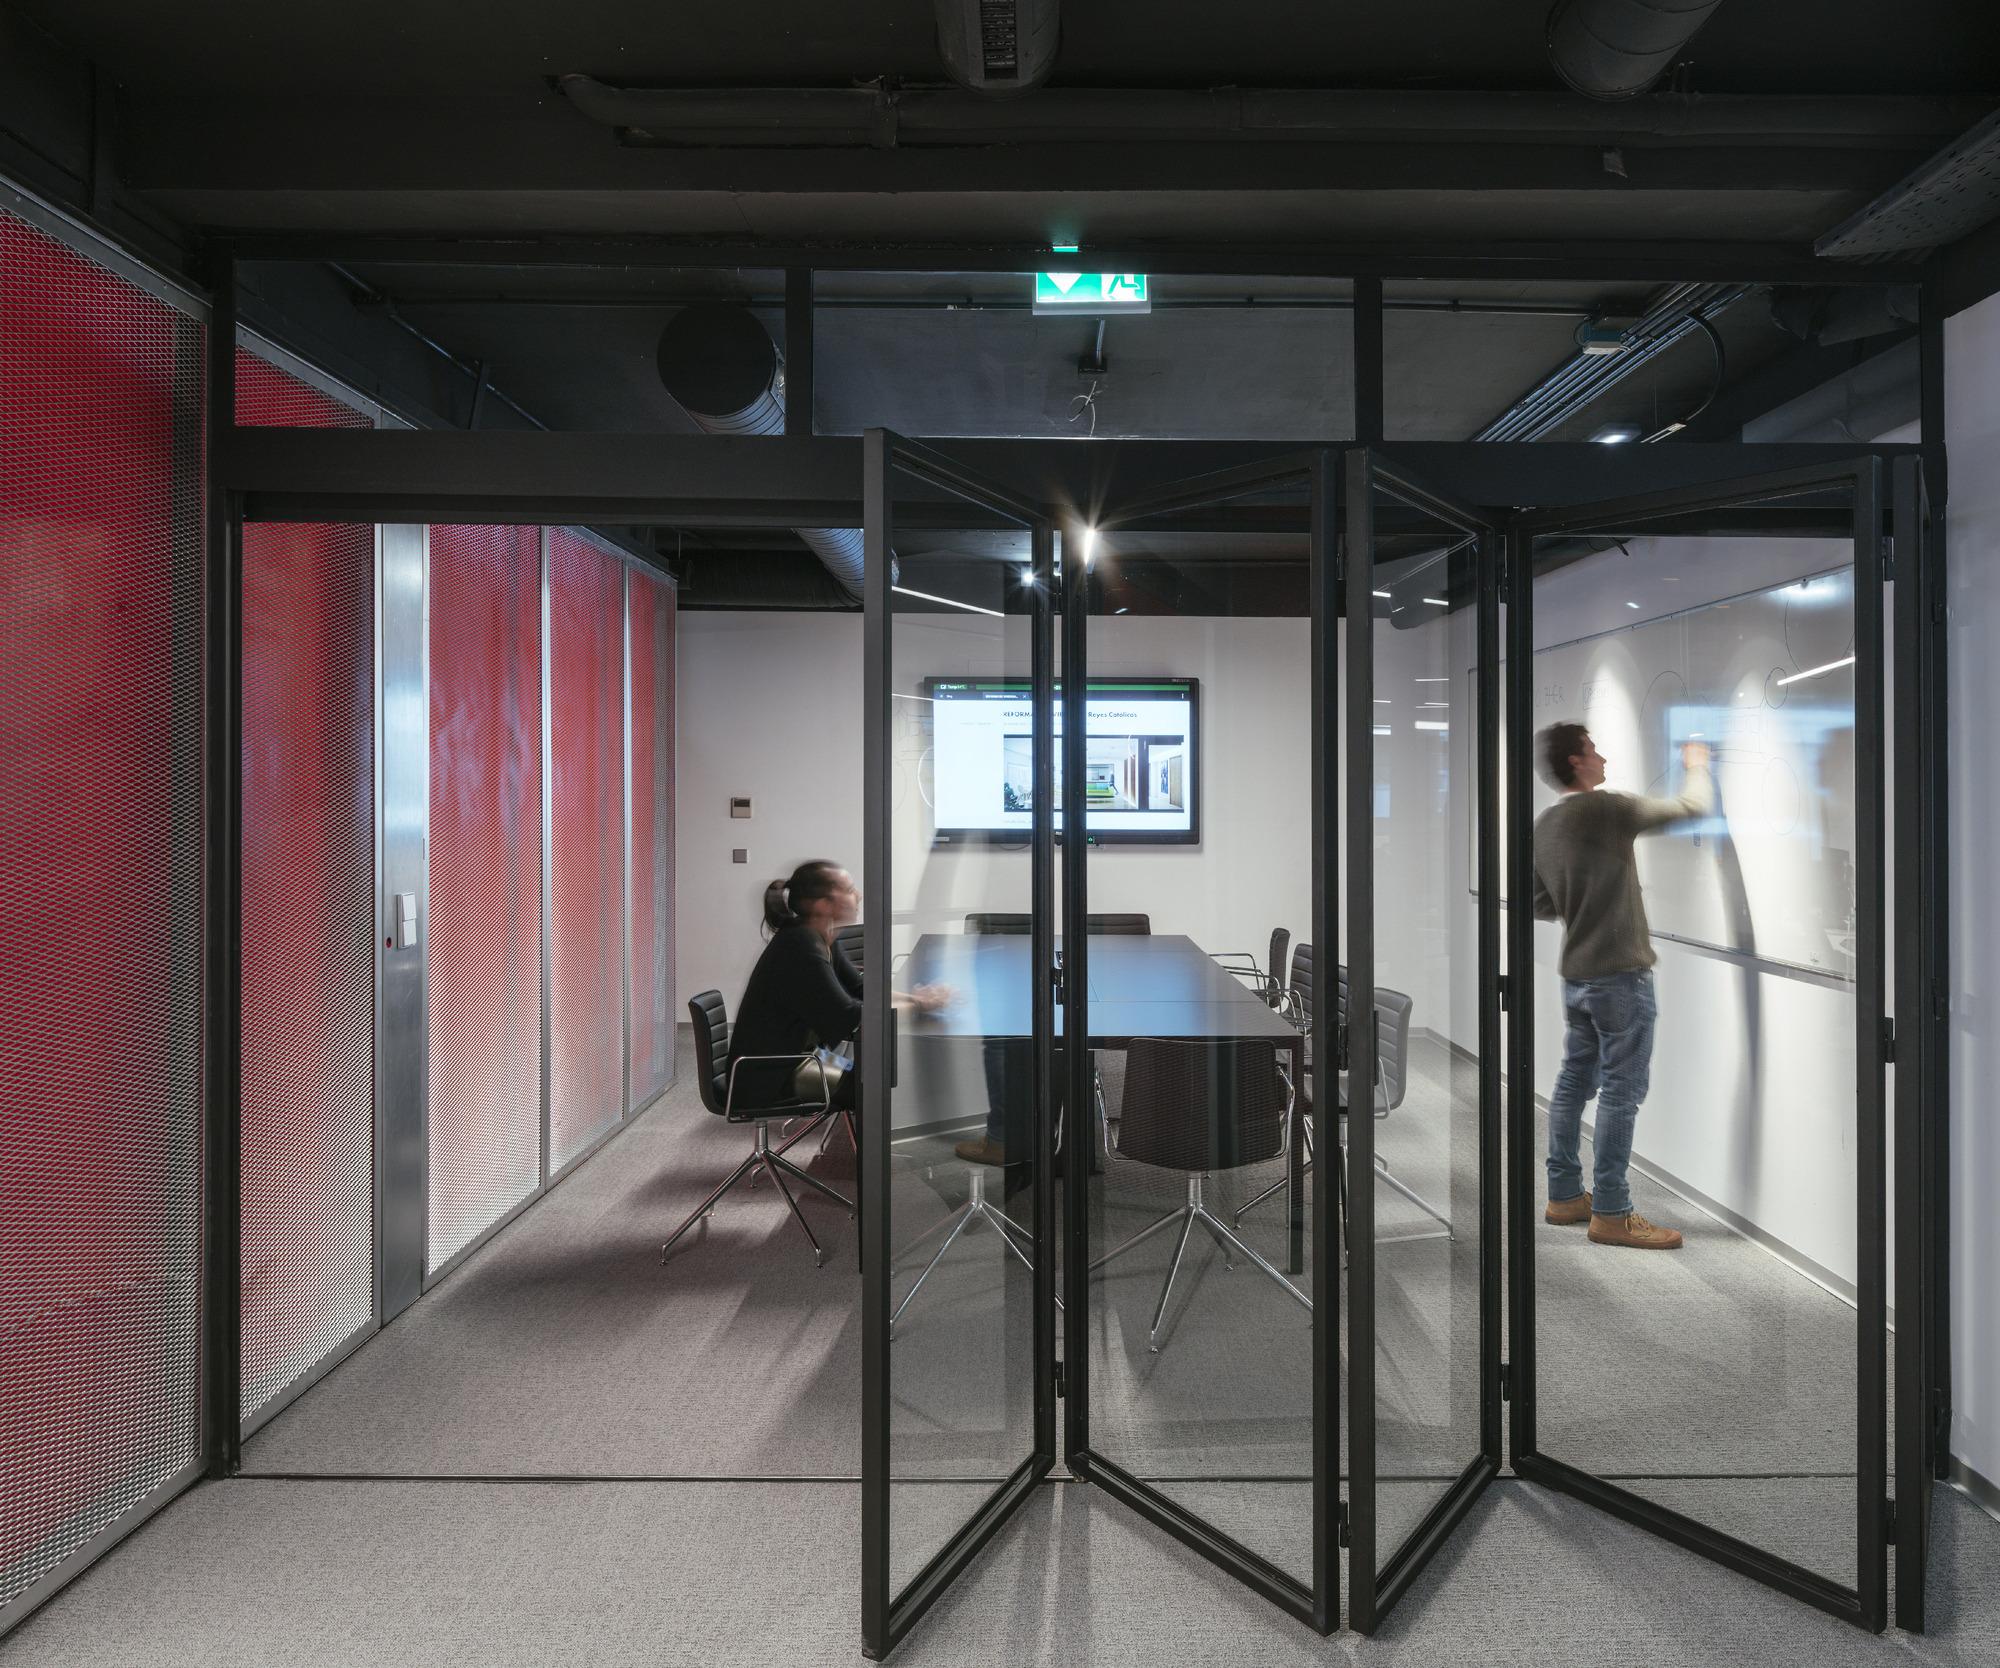 Galer a de nueva sede techpump estudio bher arquitectos 3 - Estudio 3 arquitectos ...